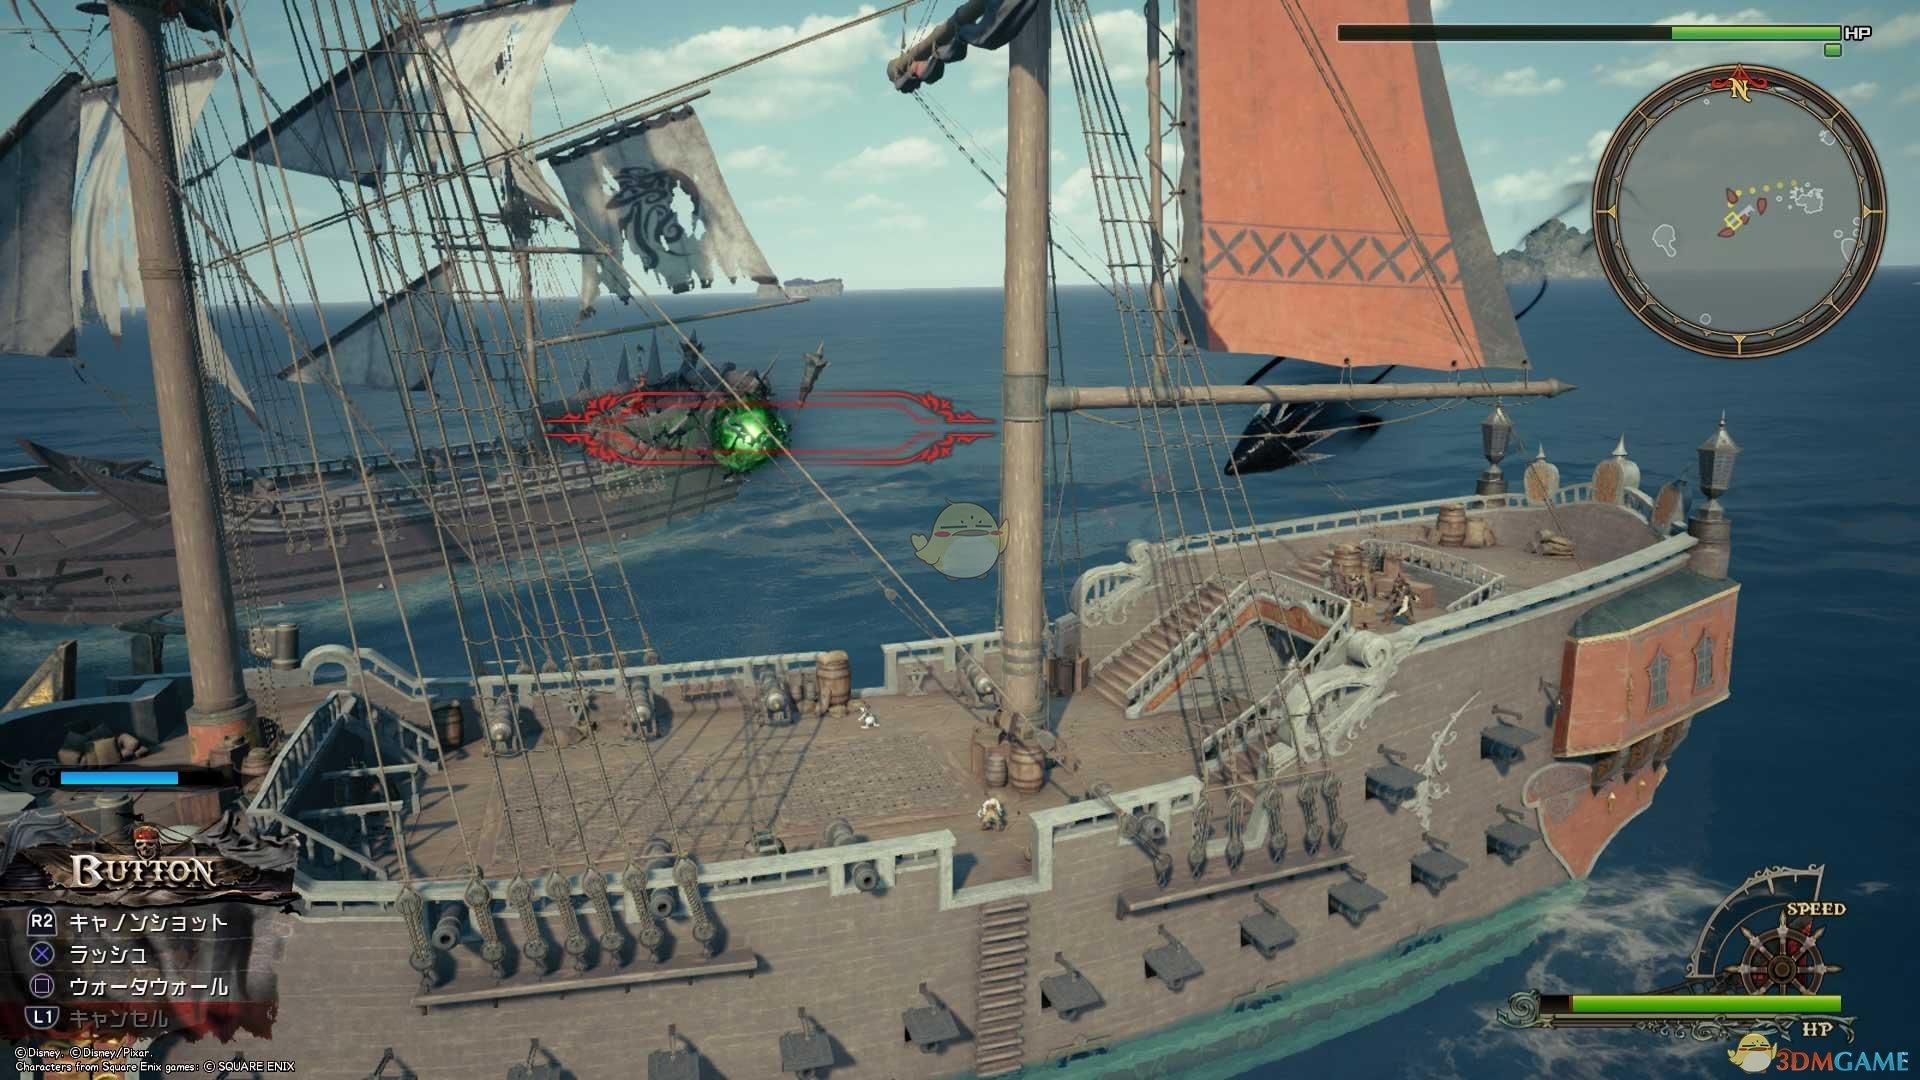 《王国之心3》海盗船操作指南